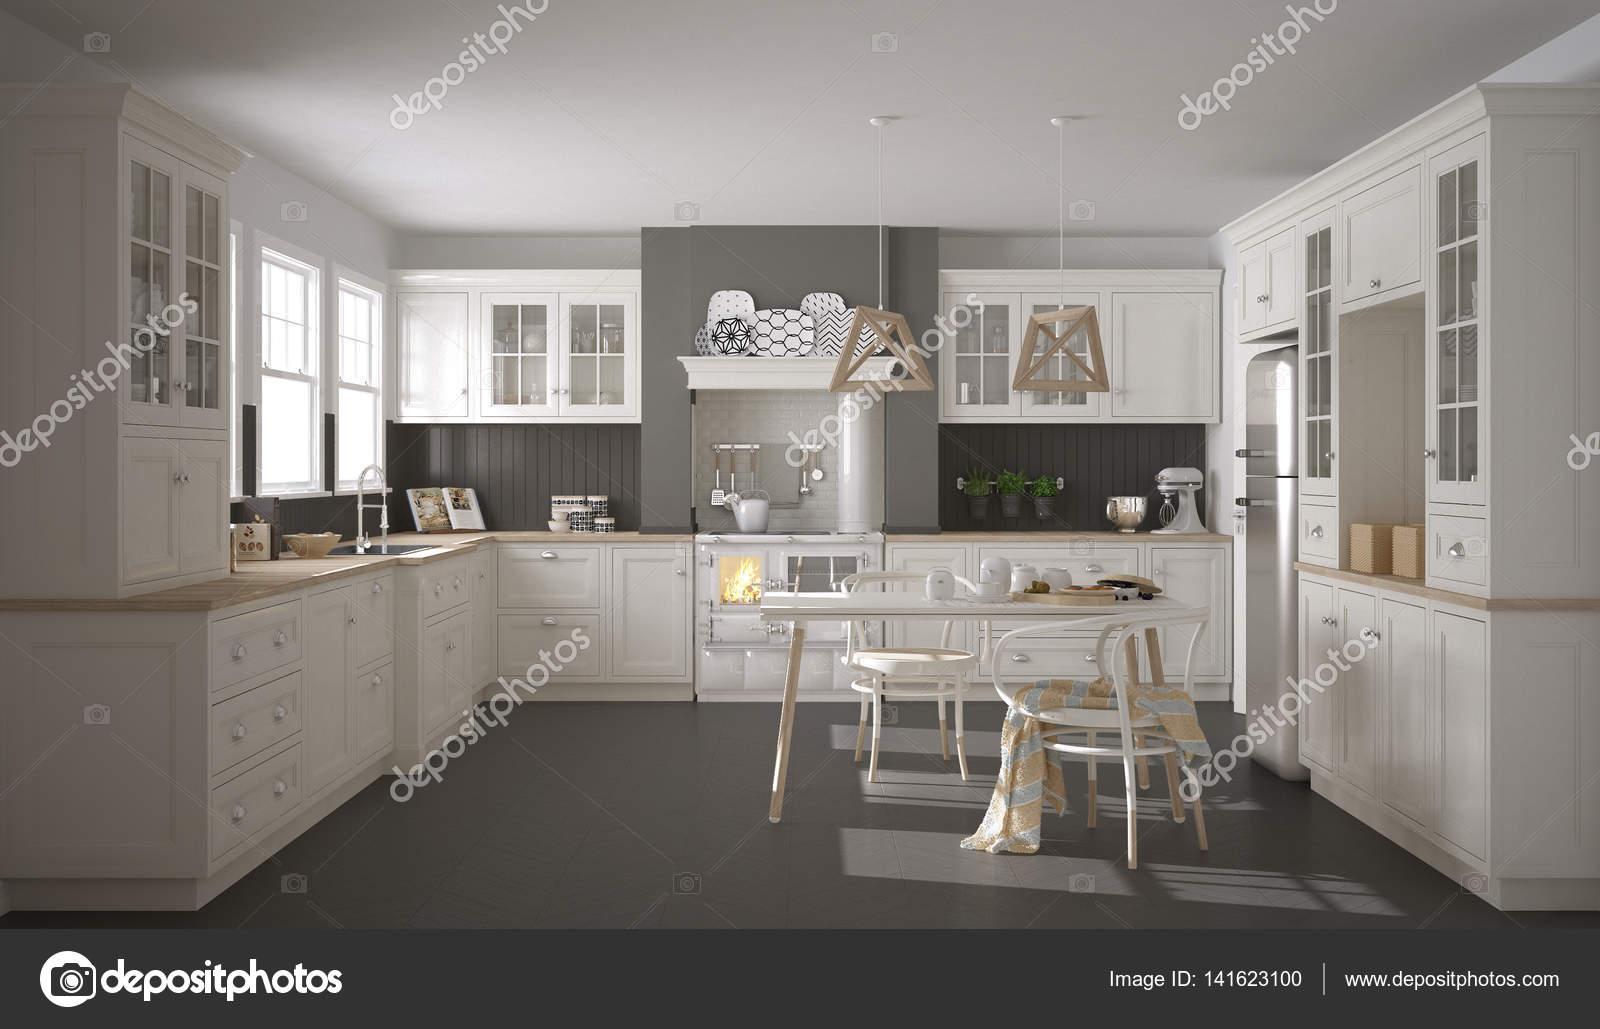 Skandinavische klassische weiße Küche mit Holzelementen, minimali ...